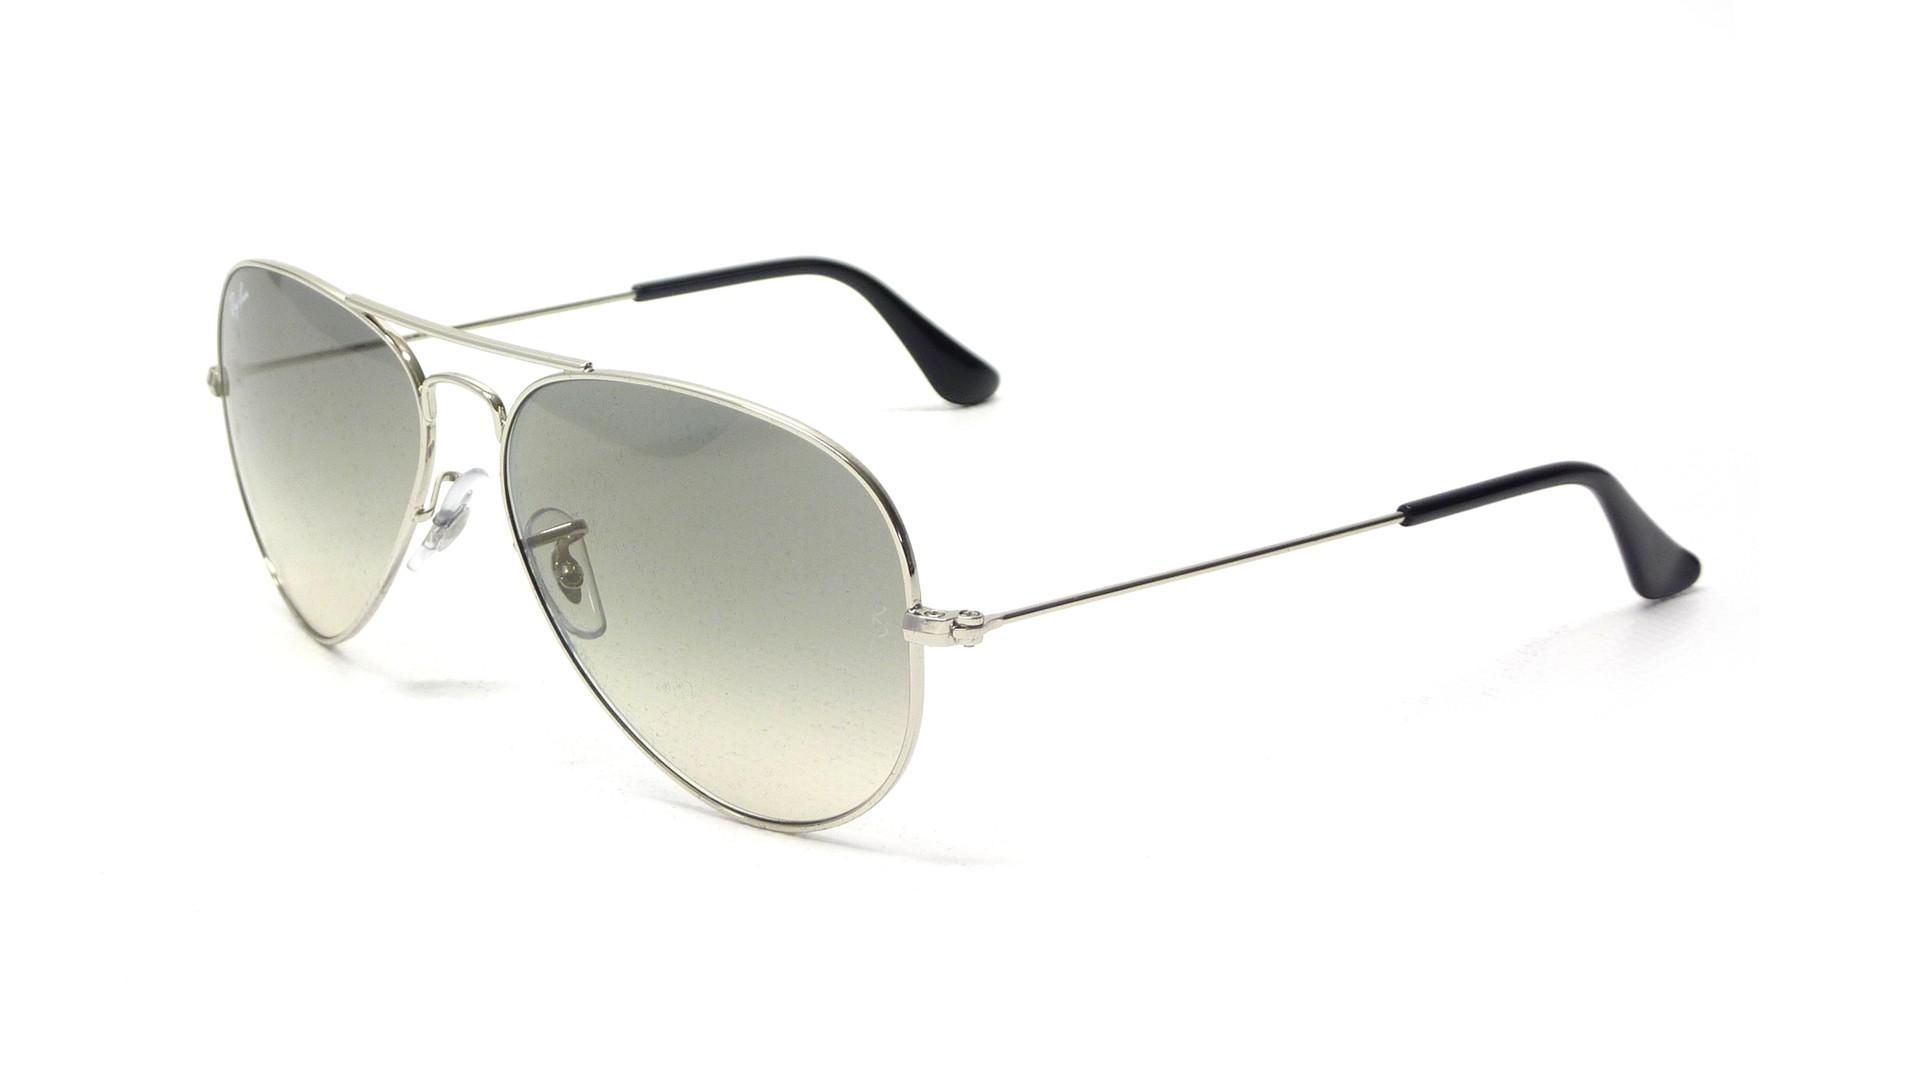 lunette aviator femme ray ban